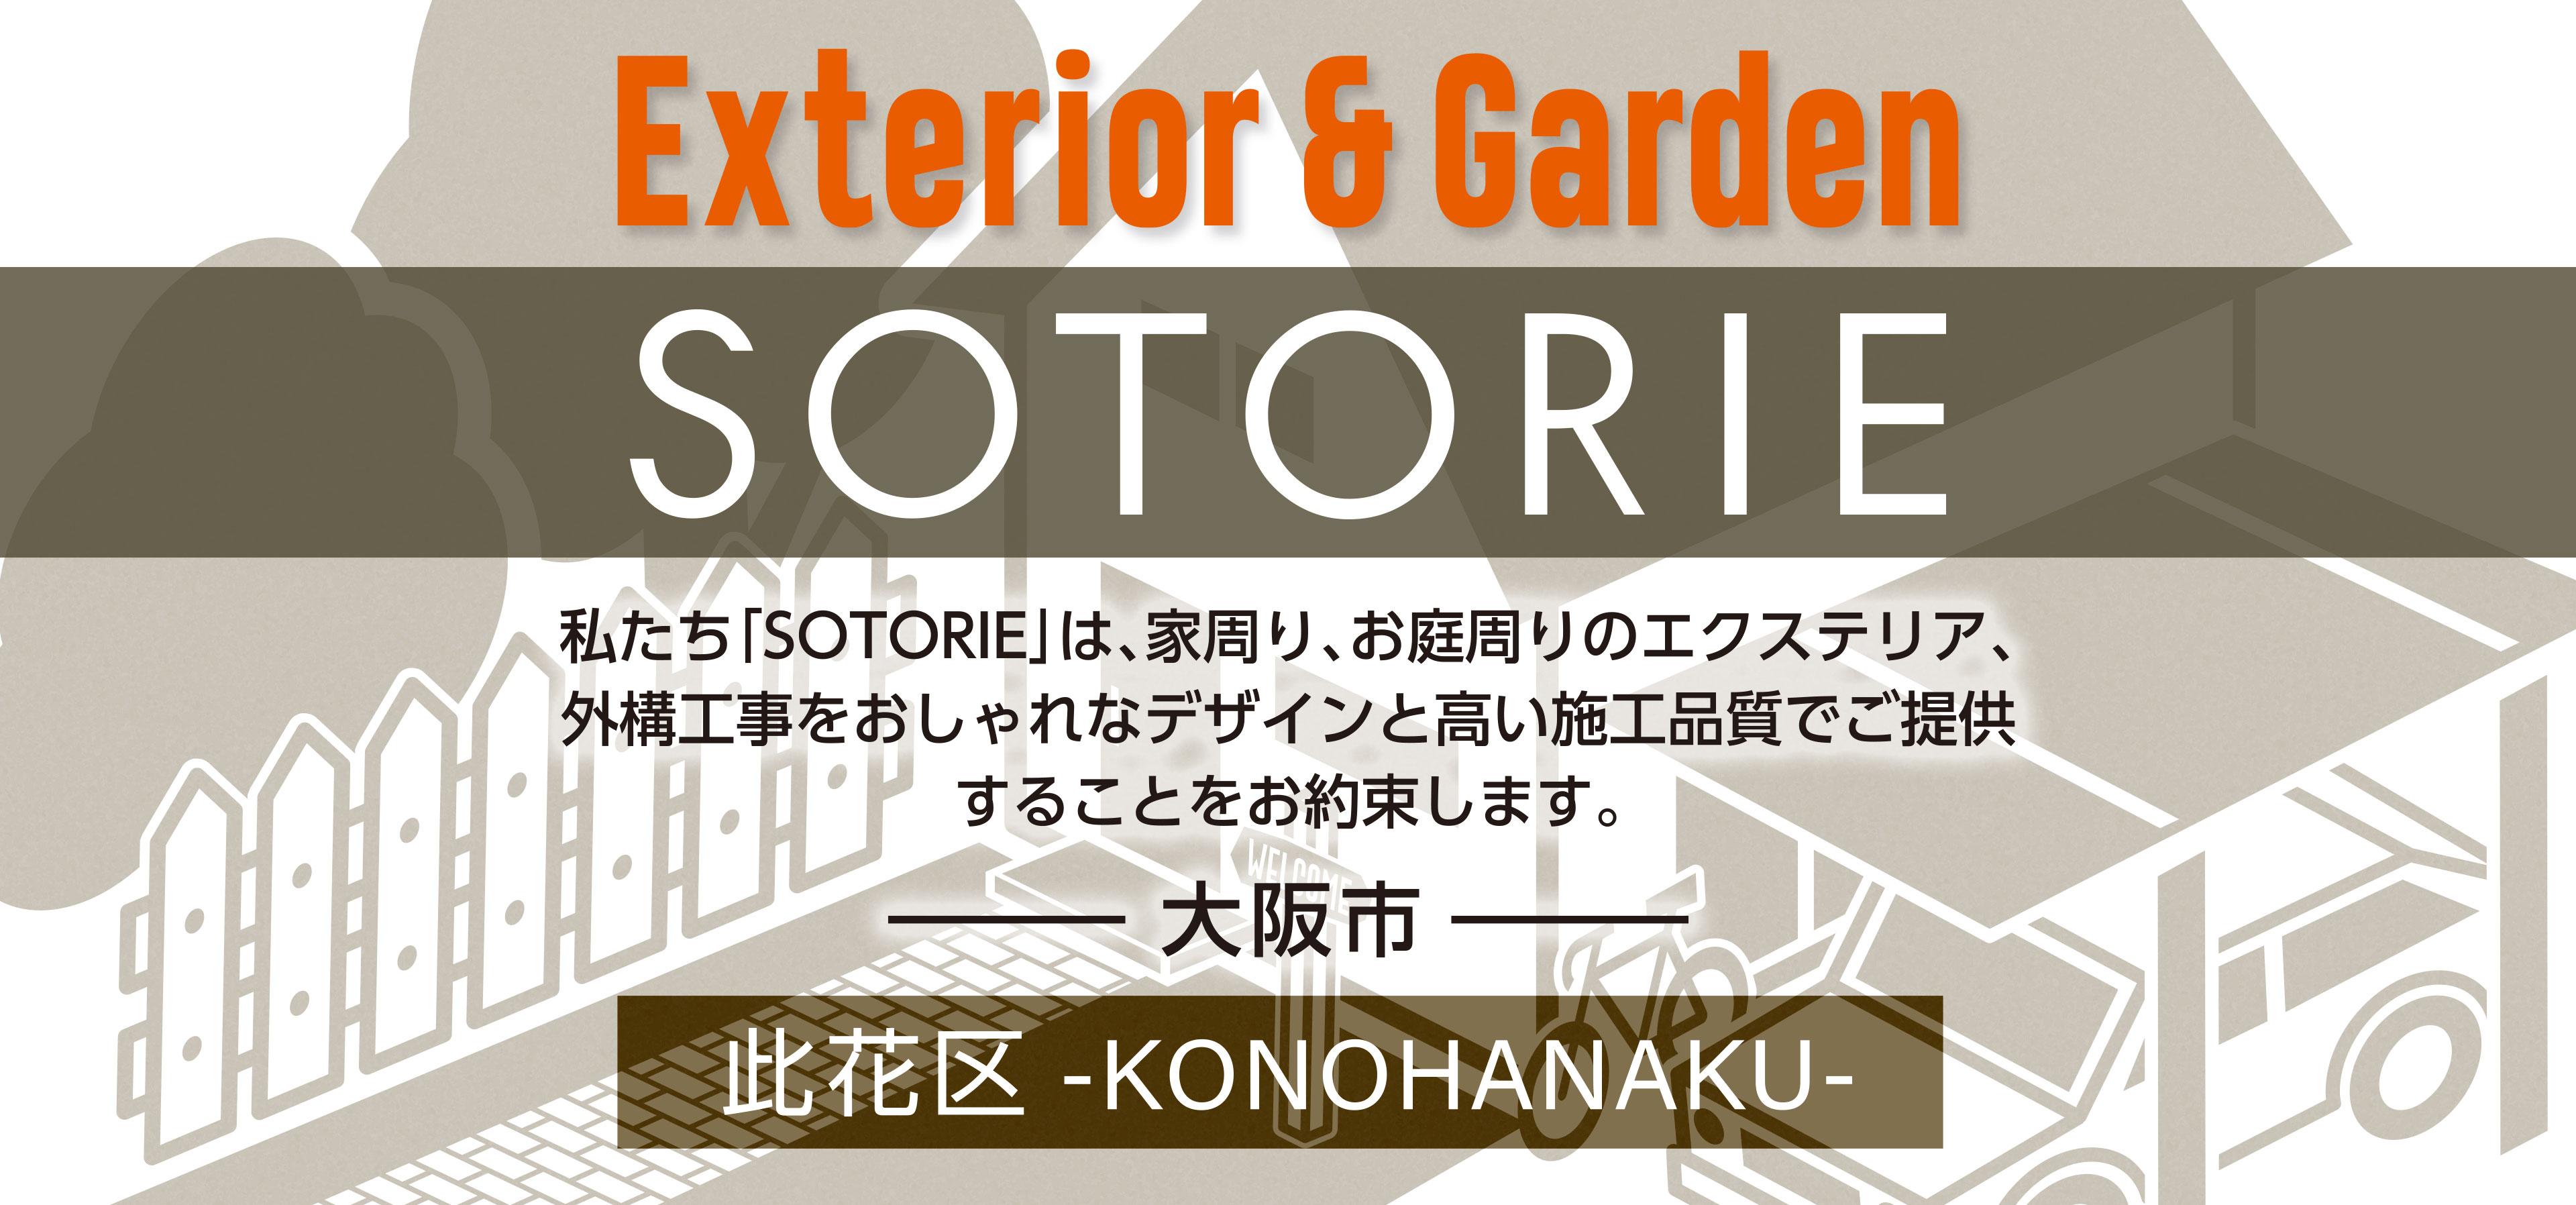 ソトリエ大阪市此花区では、家周りと庭周りの外構、エクステリア工事をおしゃれなデザインと高い施工品質でご提供することをお約束します。